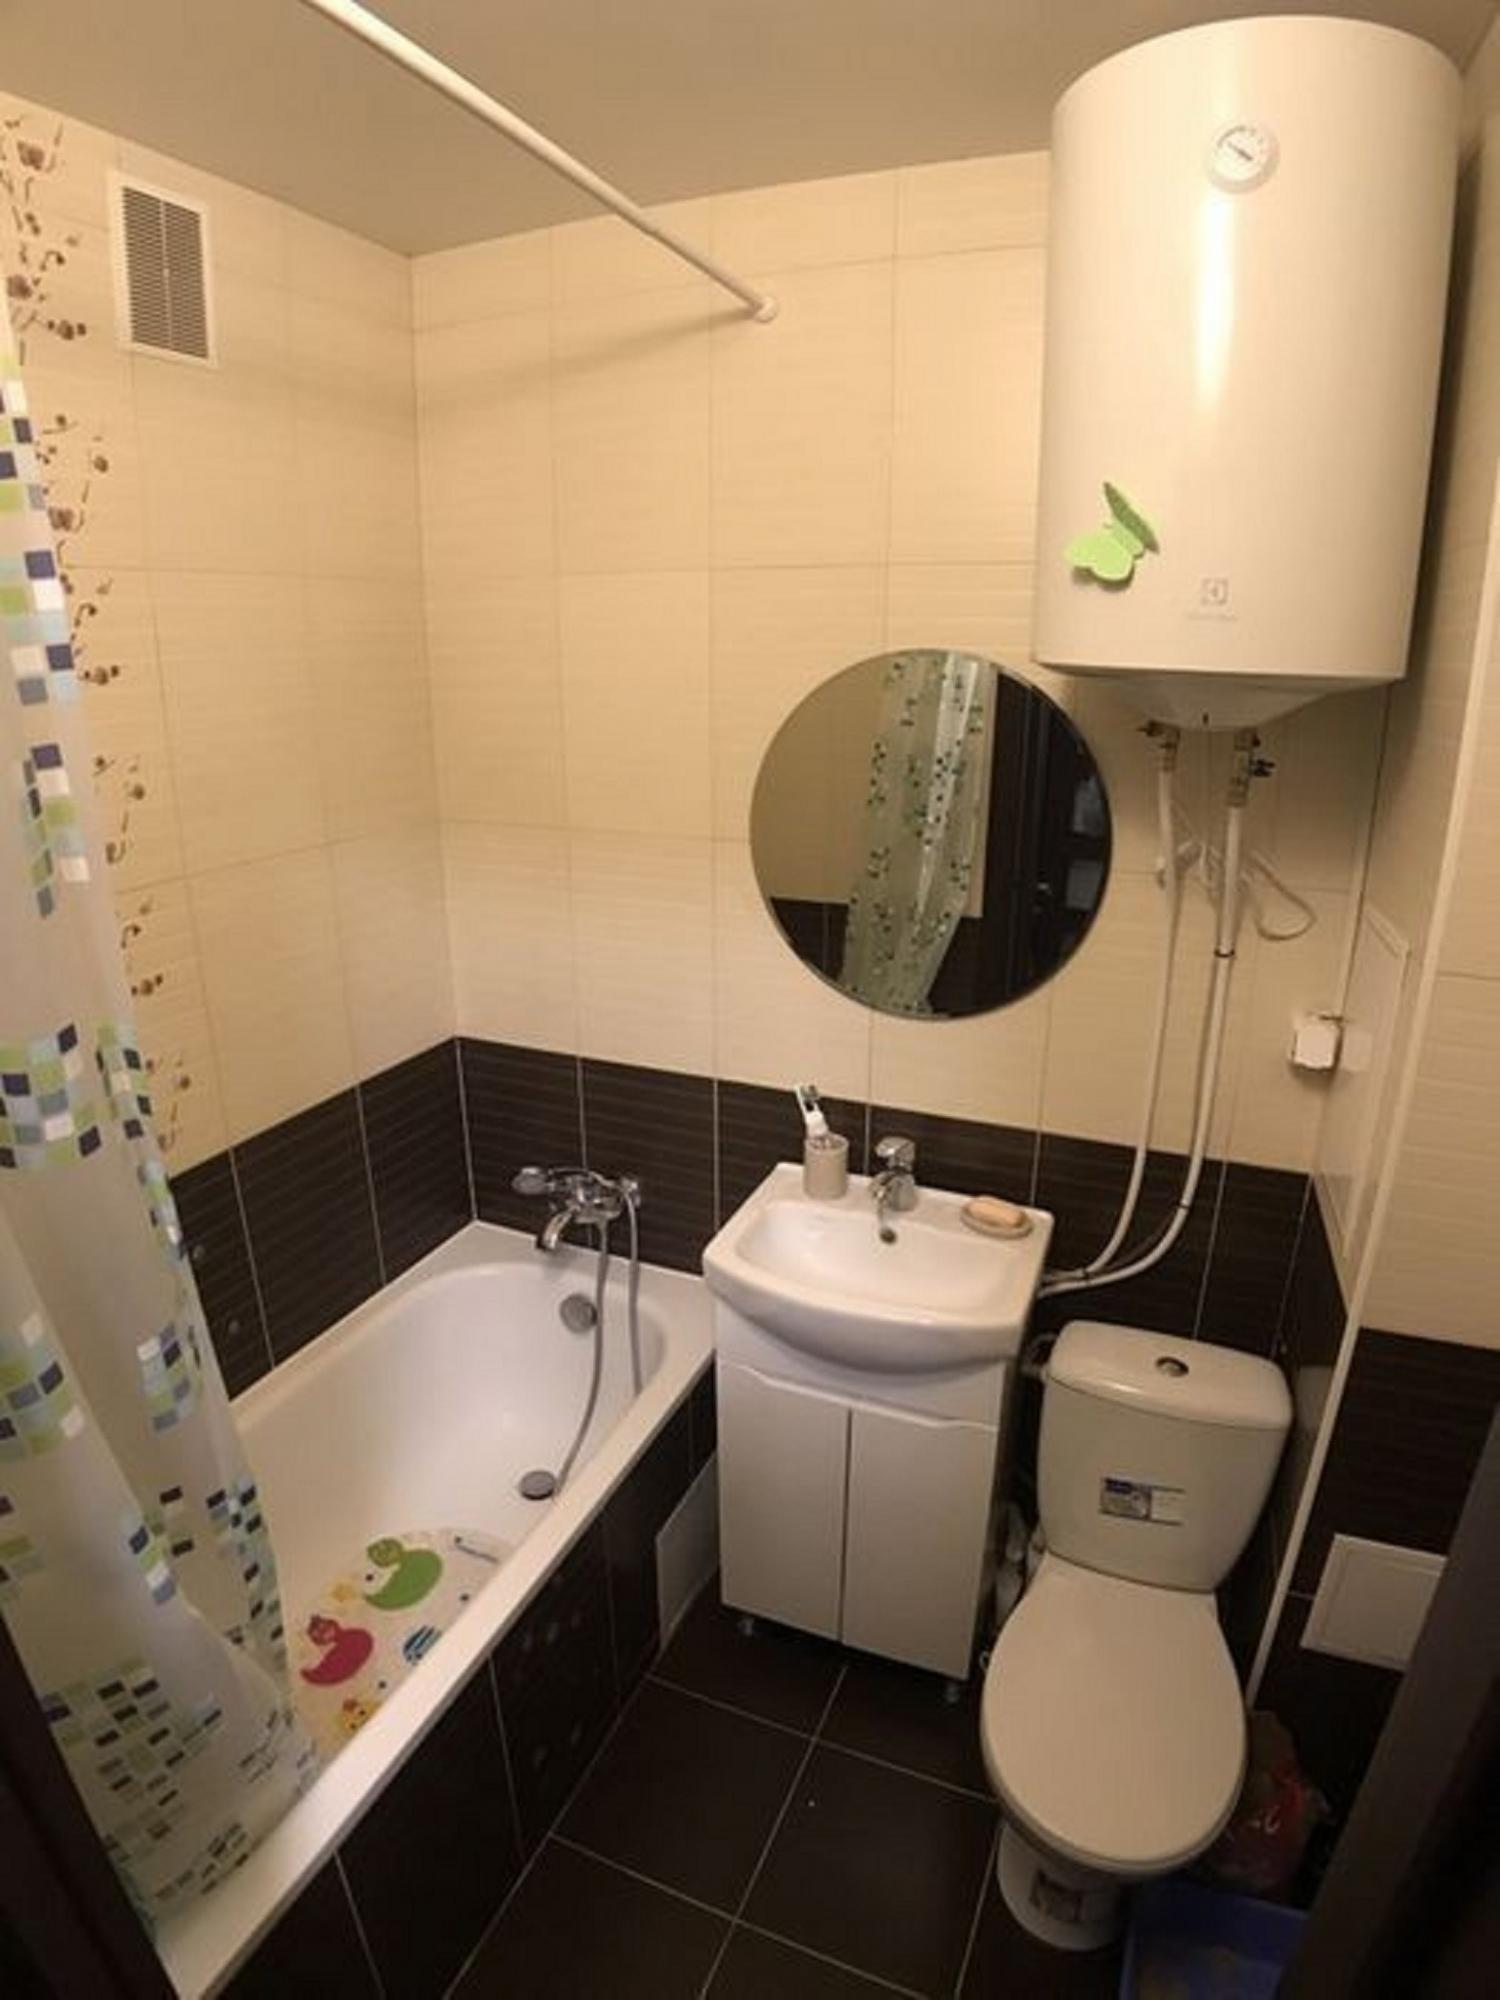 1к квартира Свободный проспект, 56 | 13500 | аренда в Красноярске фото 4